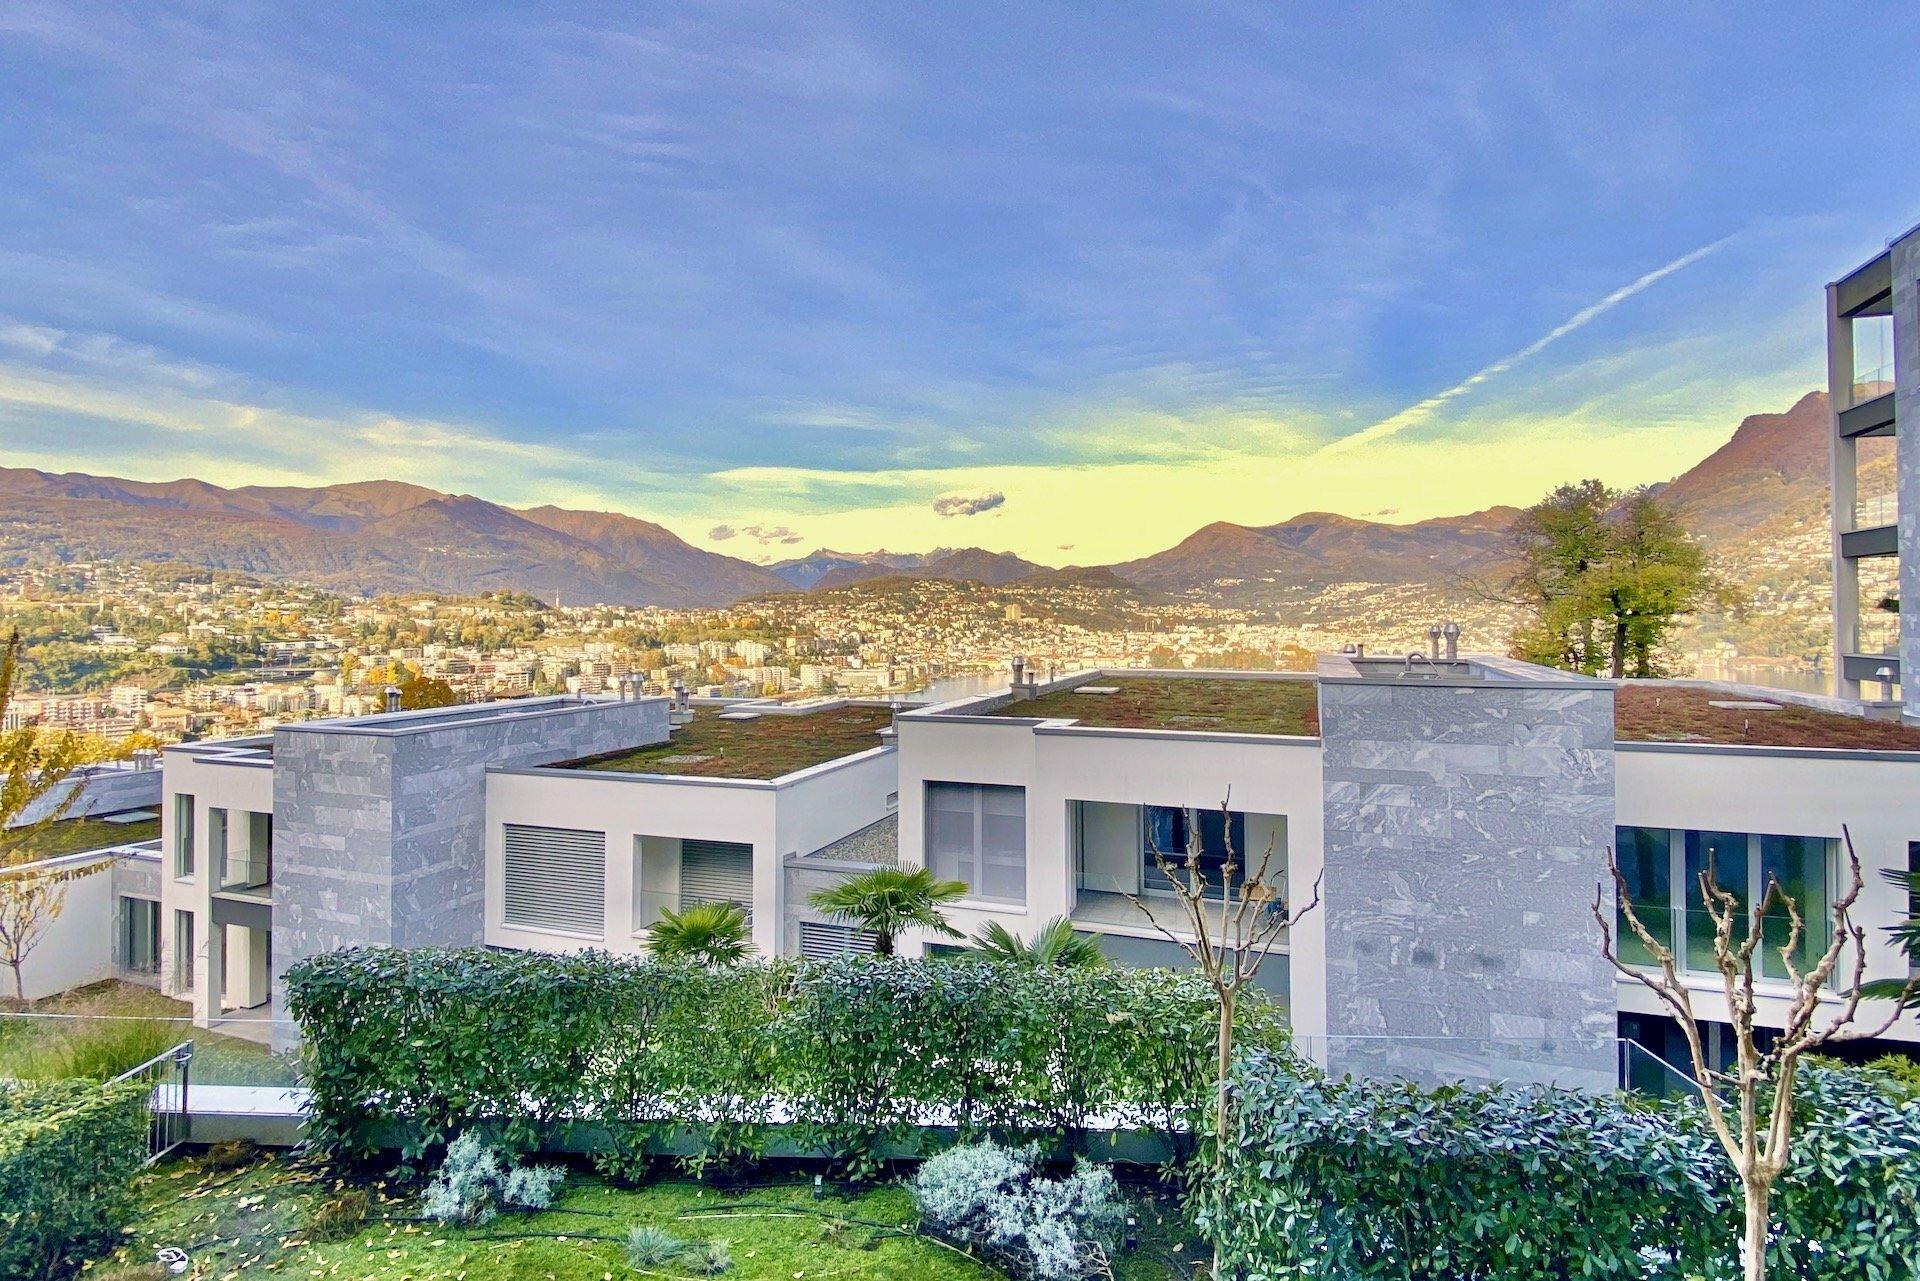 Condo in Paradiso, Ticino, Switzerland 1